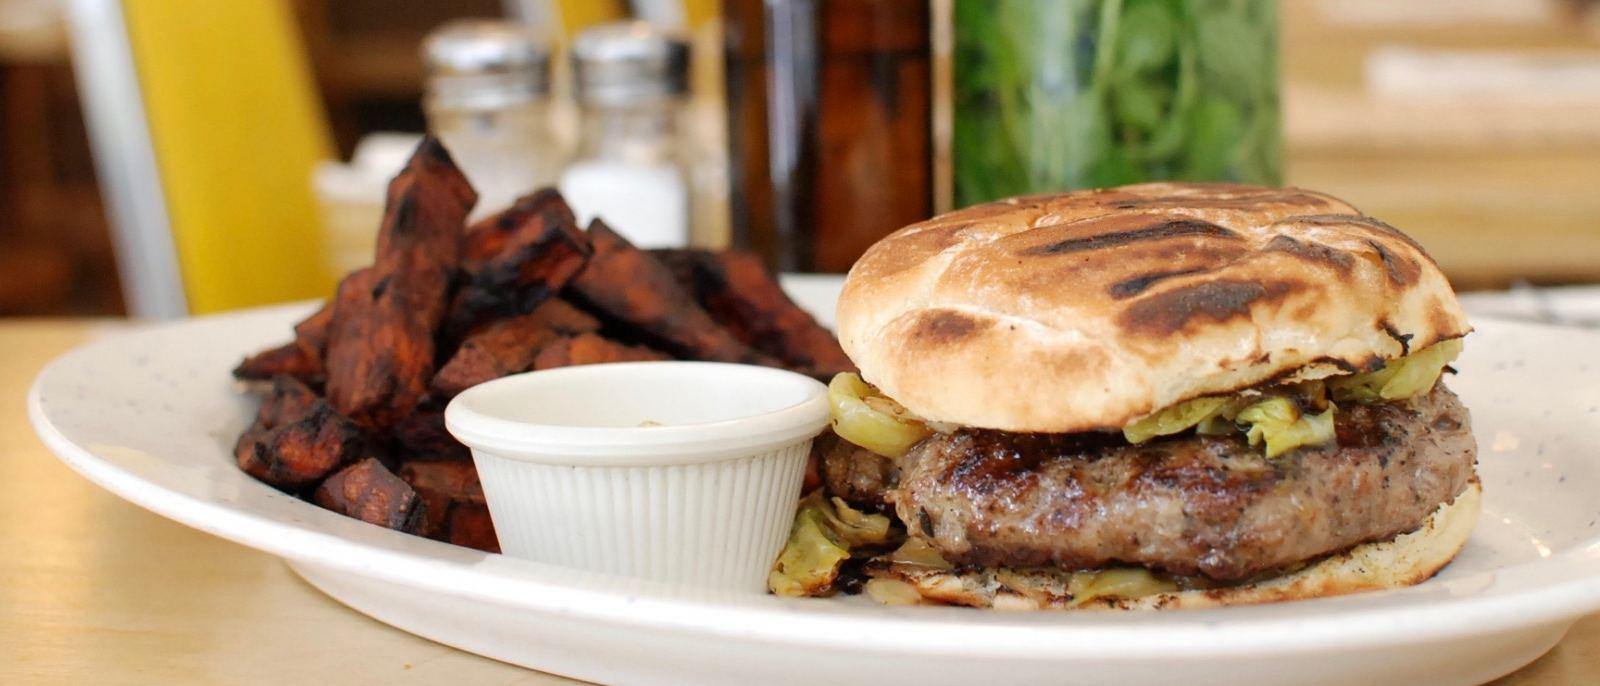 Pork burger at Wood Spoon